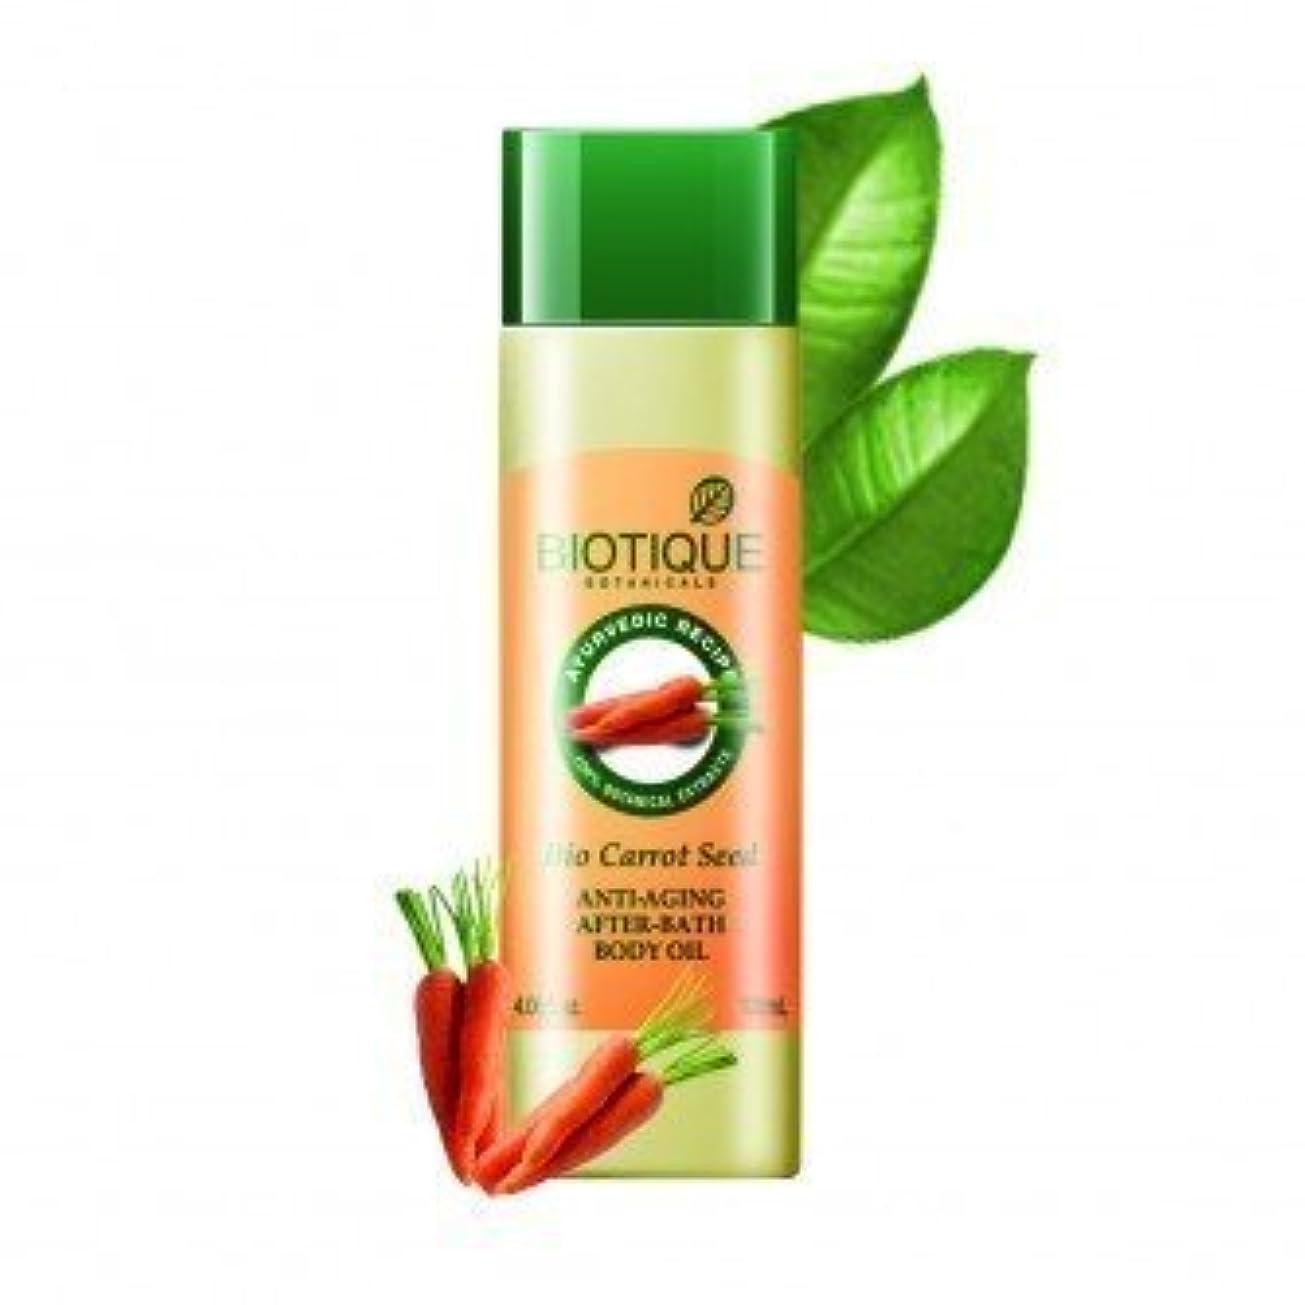 フェミニン皿瞳Biotique Bio Carrot Seed Anti-Aging After-Bath Body Oil 120 Ml (Ship From India)